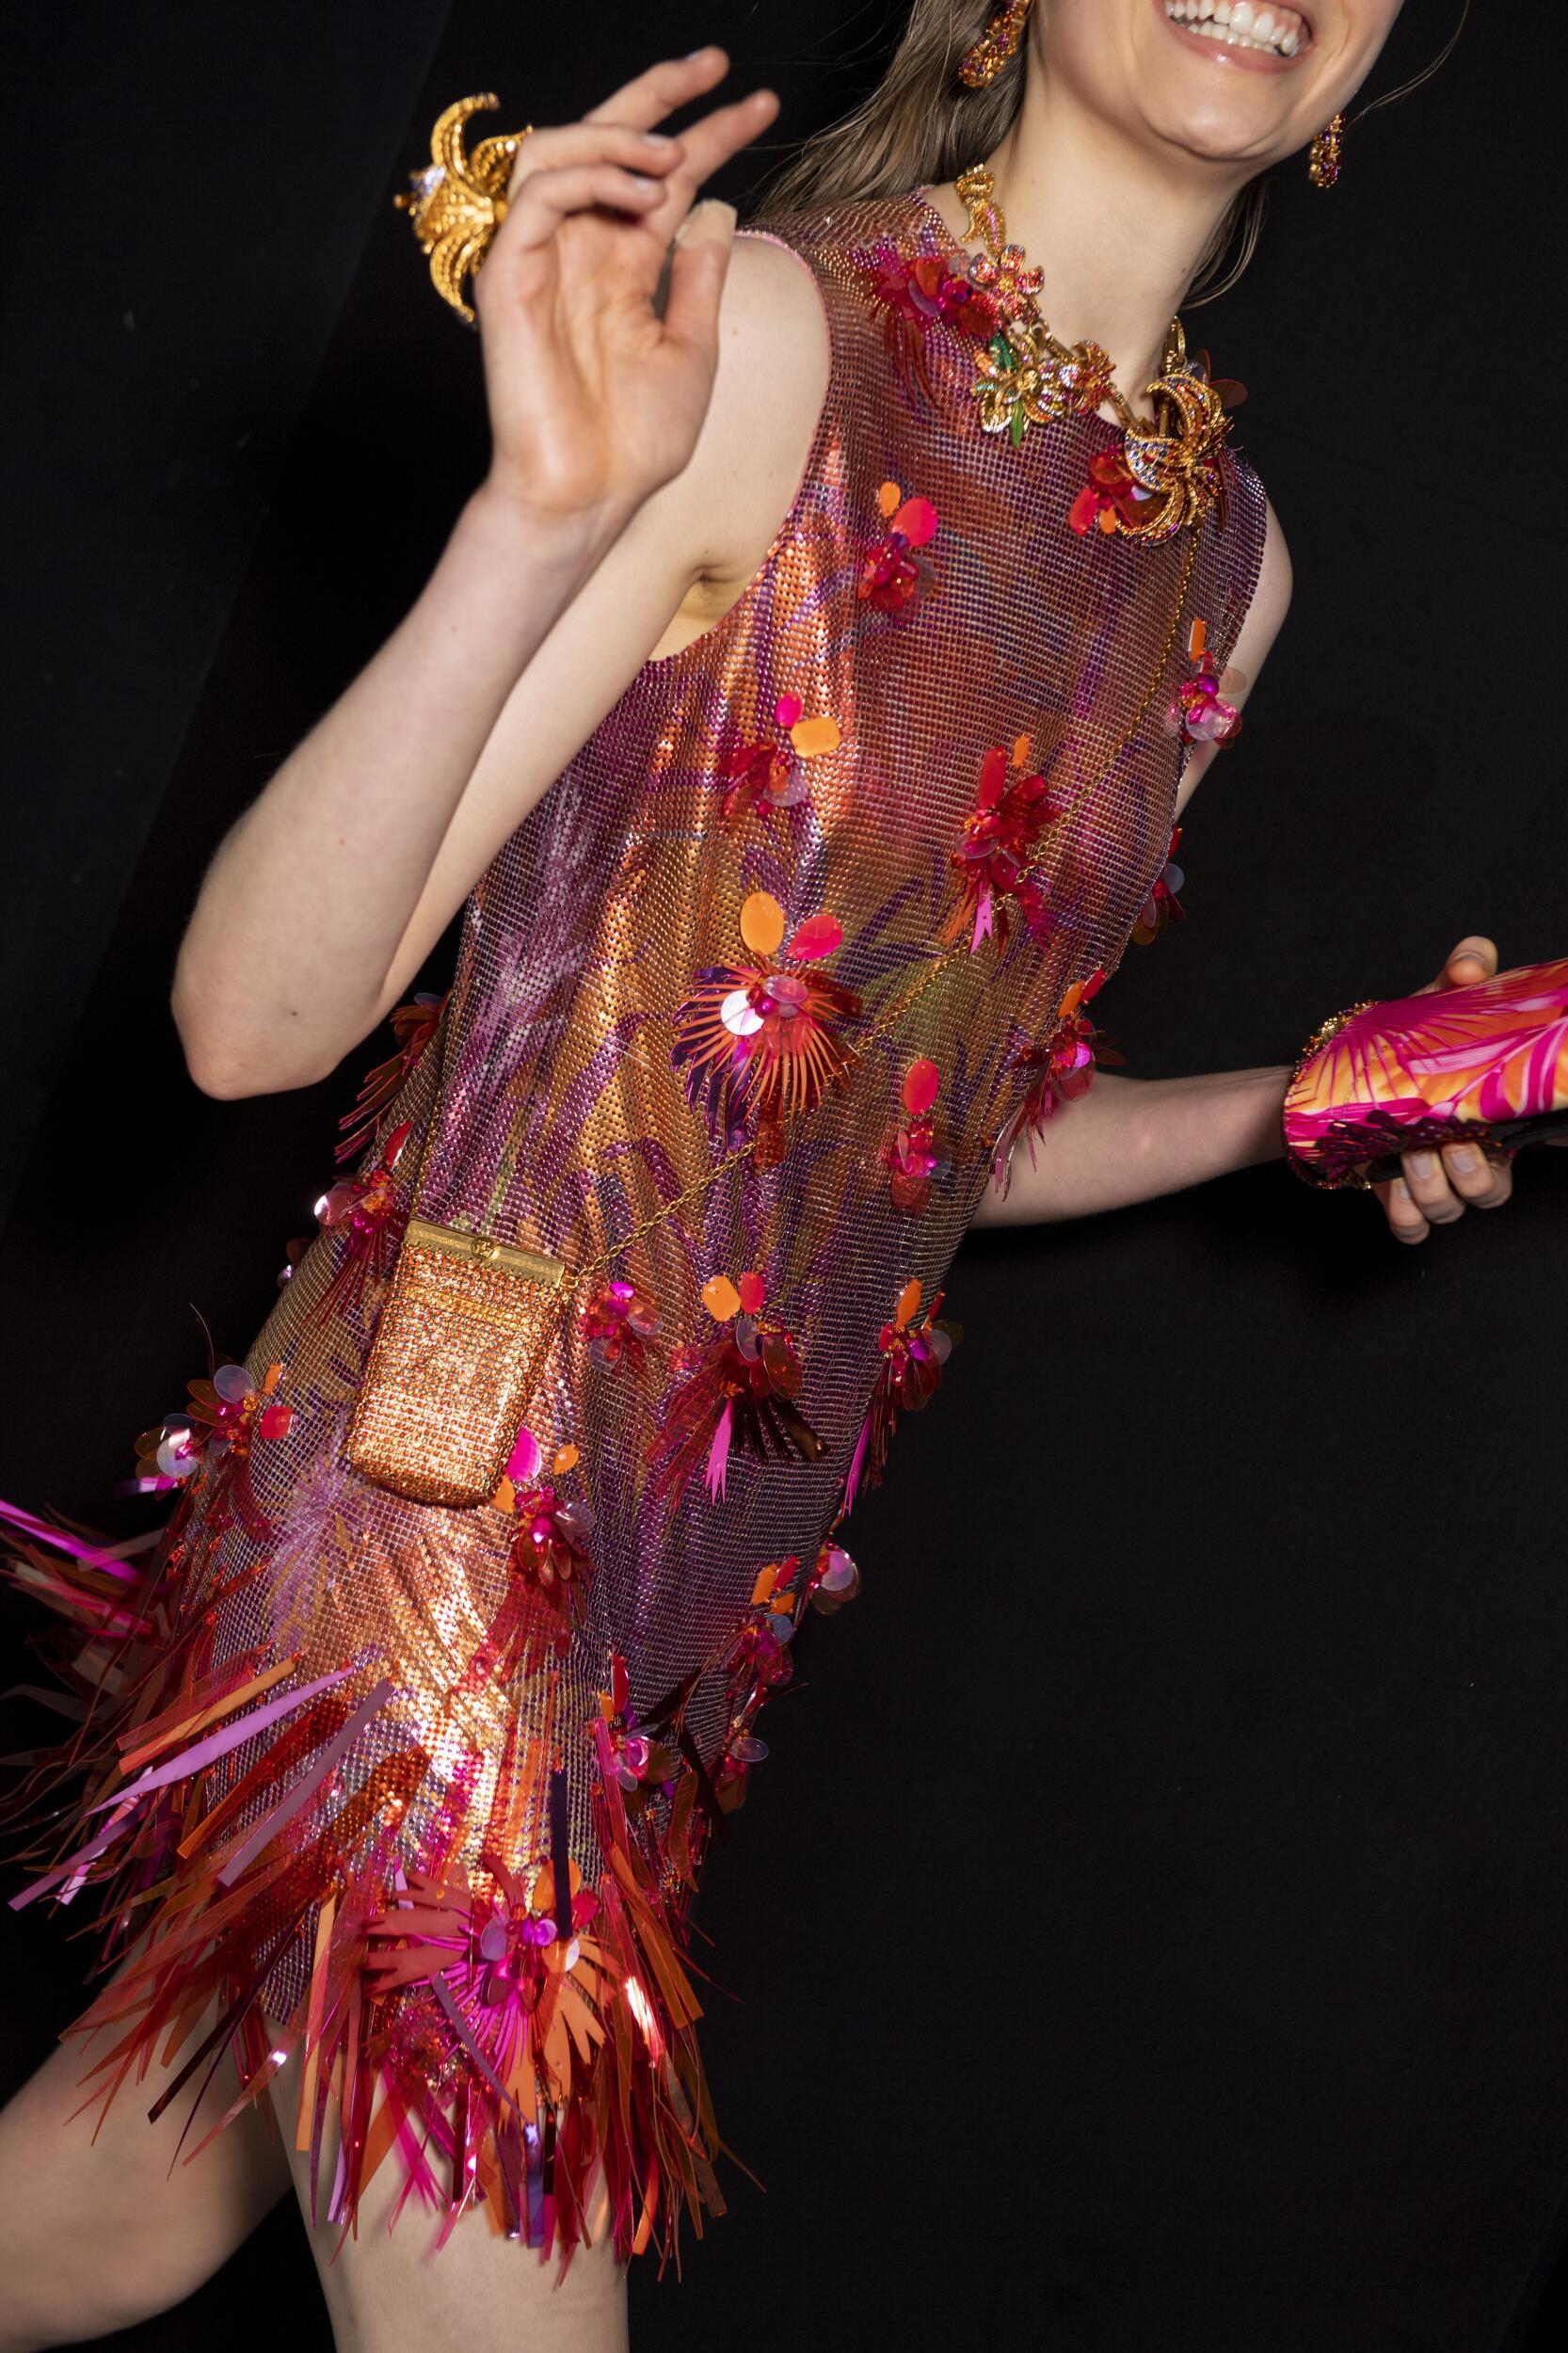 Backstage Versace Milan Fashion Week Dress